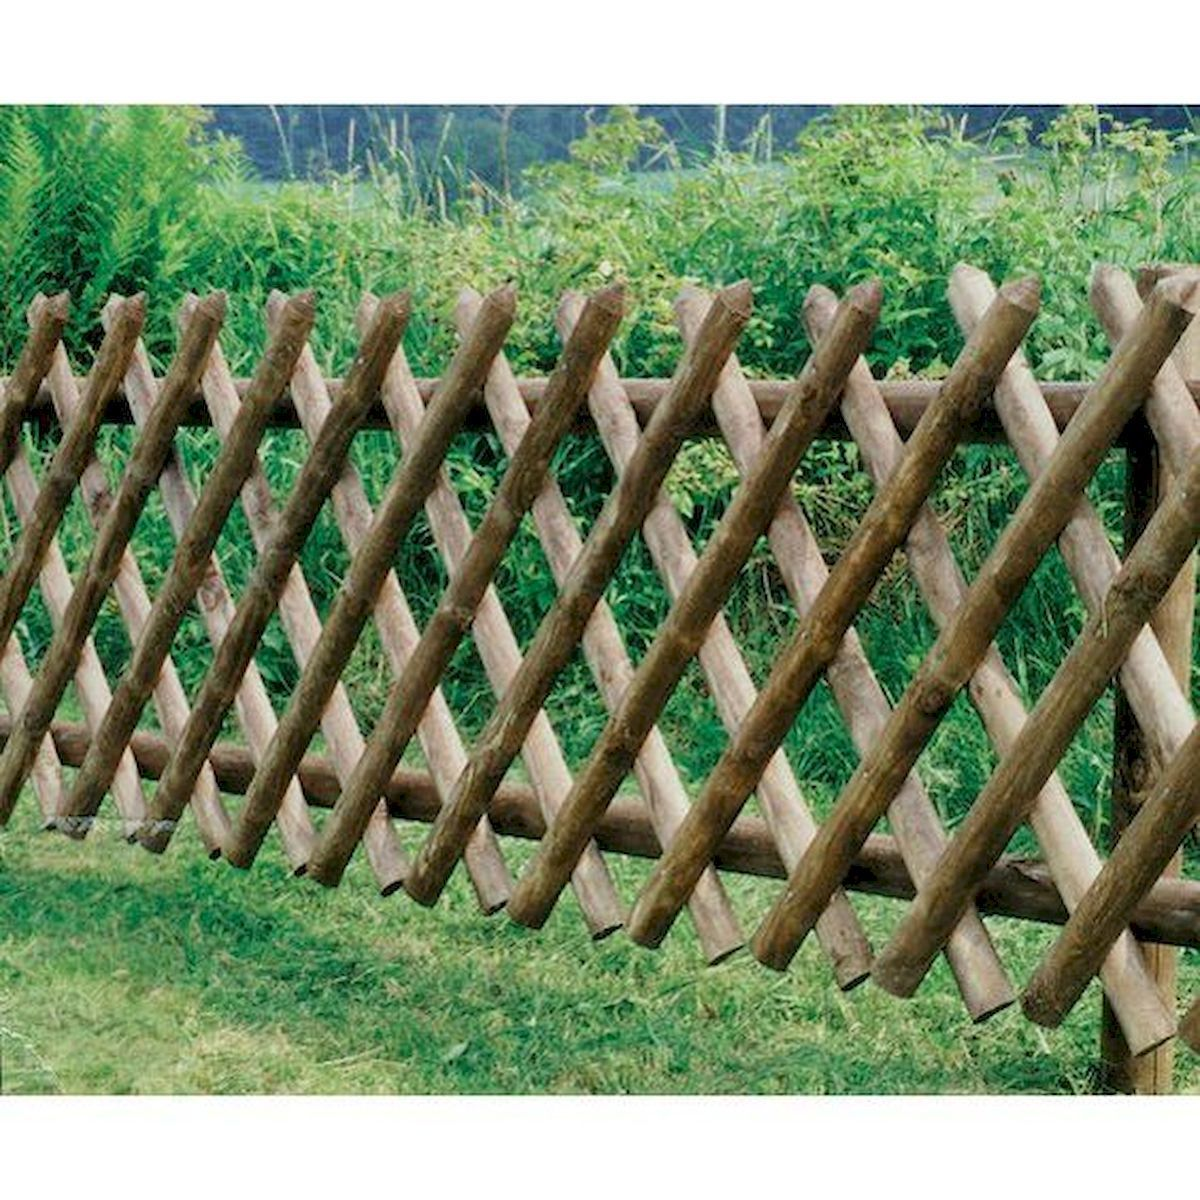 40 Unique Garden Fence Decoration Ideas